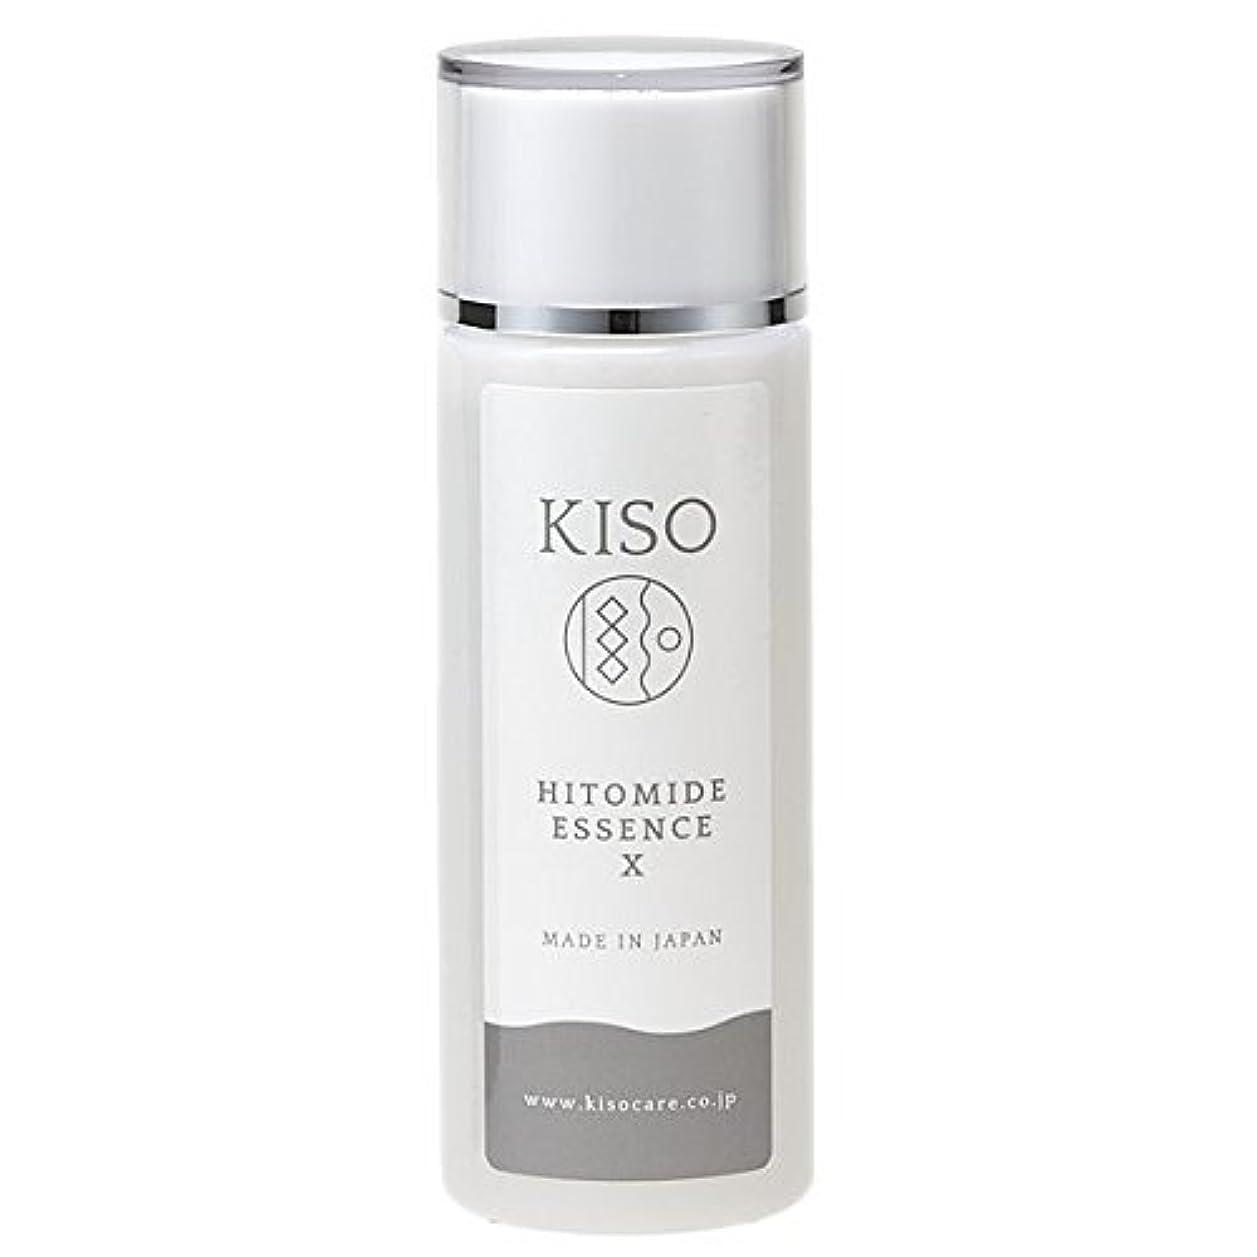 スマッシュメロドラマ東部KISO ヒト型セラミド原液 10%配合 【ヒトミドエッセンスX 120ml】 保湿力アップ 肌荒れを防ぎキメを整えたい時に